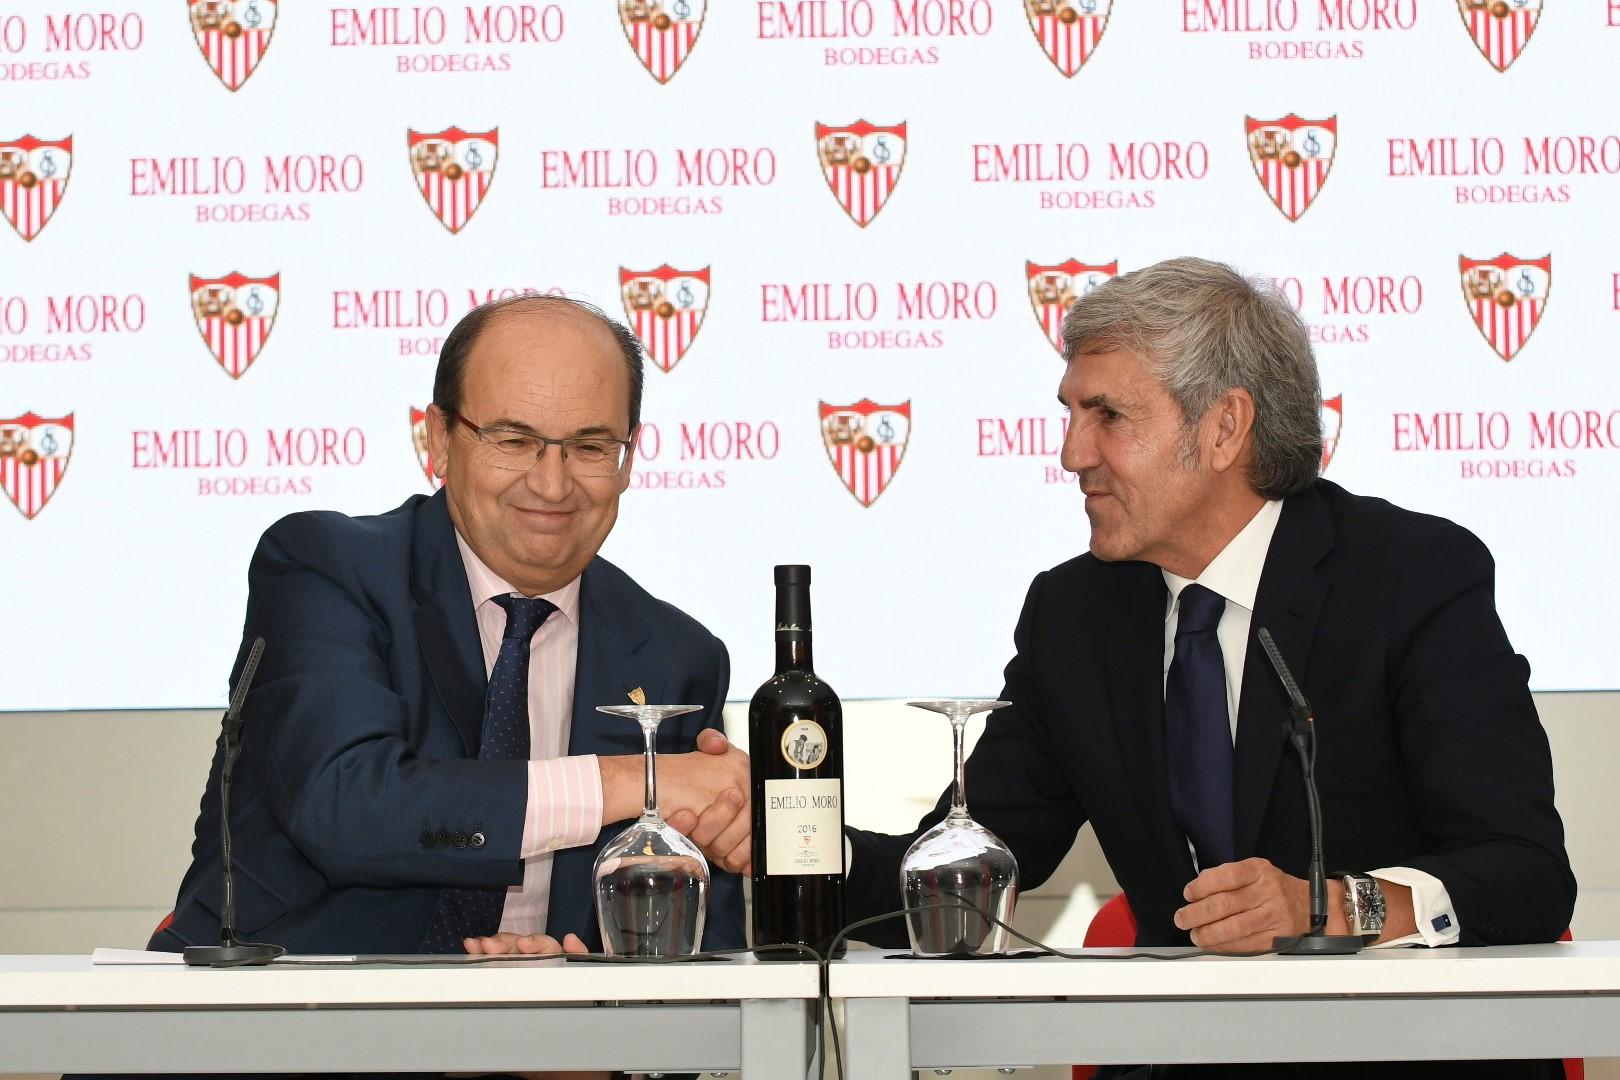 Bodegas Emilio Moro y el Sevilla FC levantamos la primera copa de la temporada